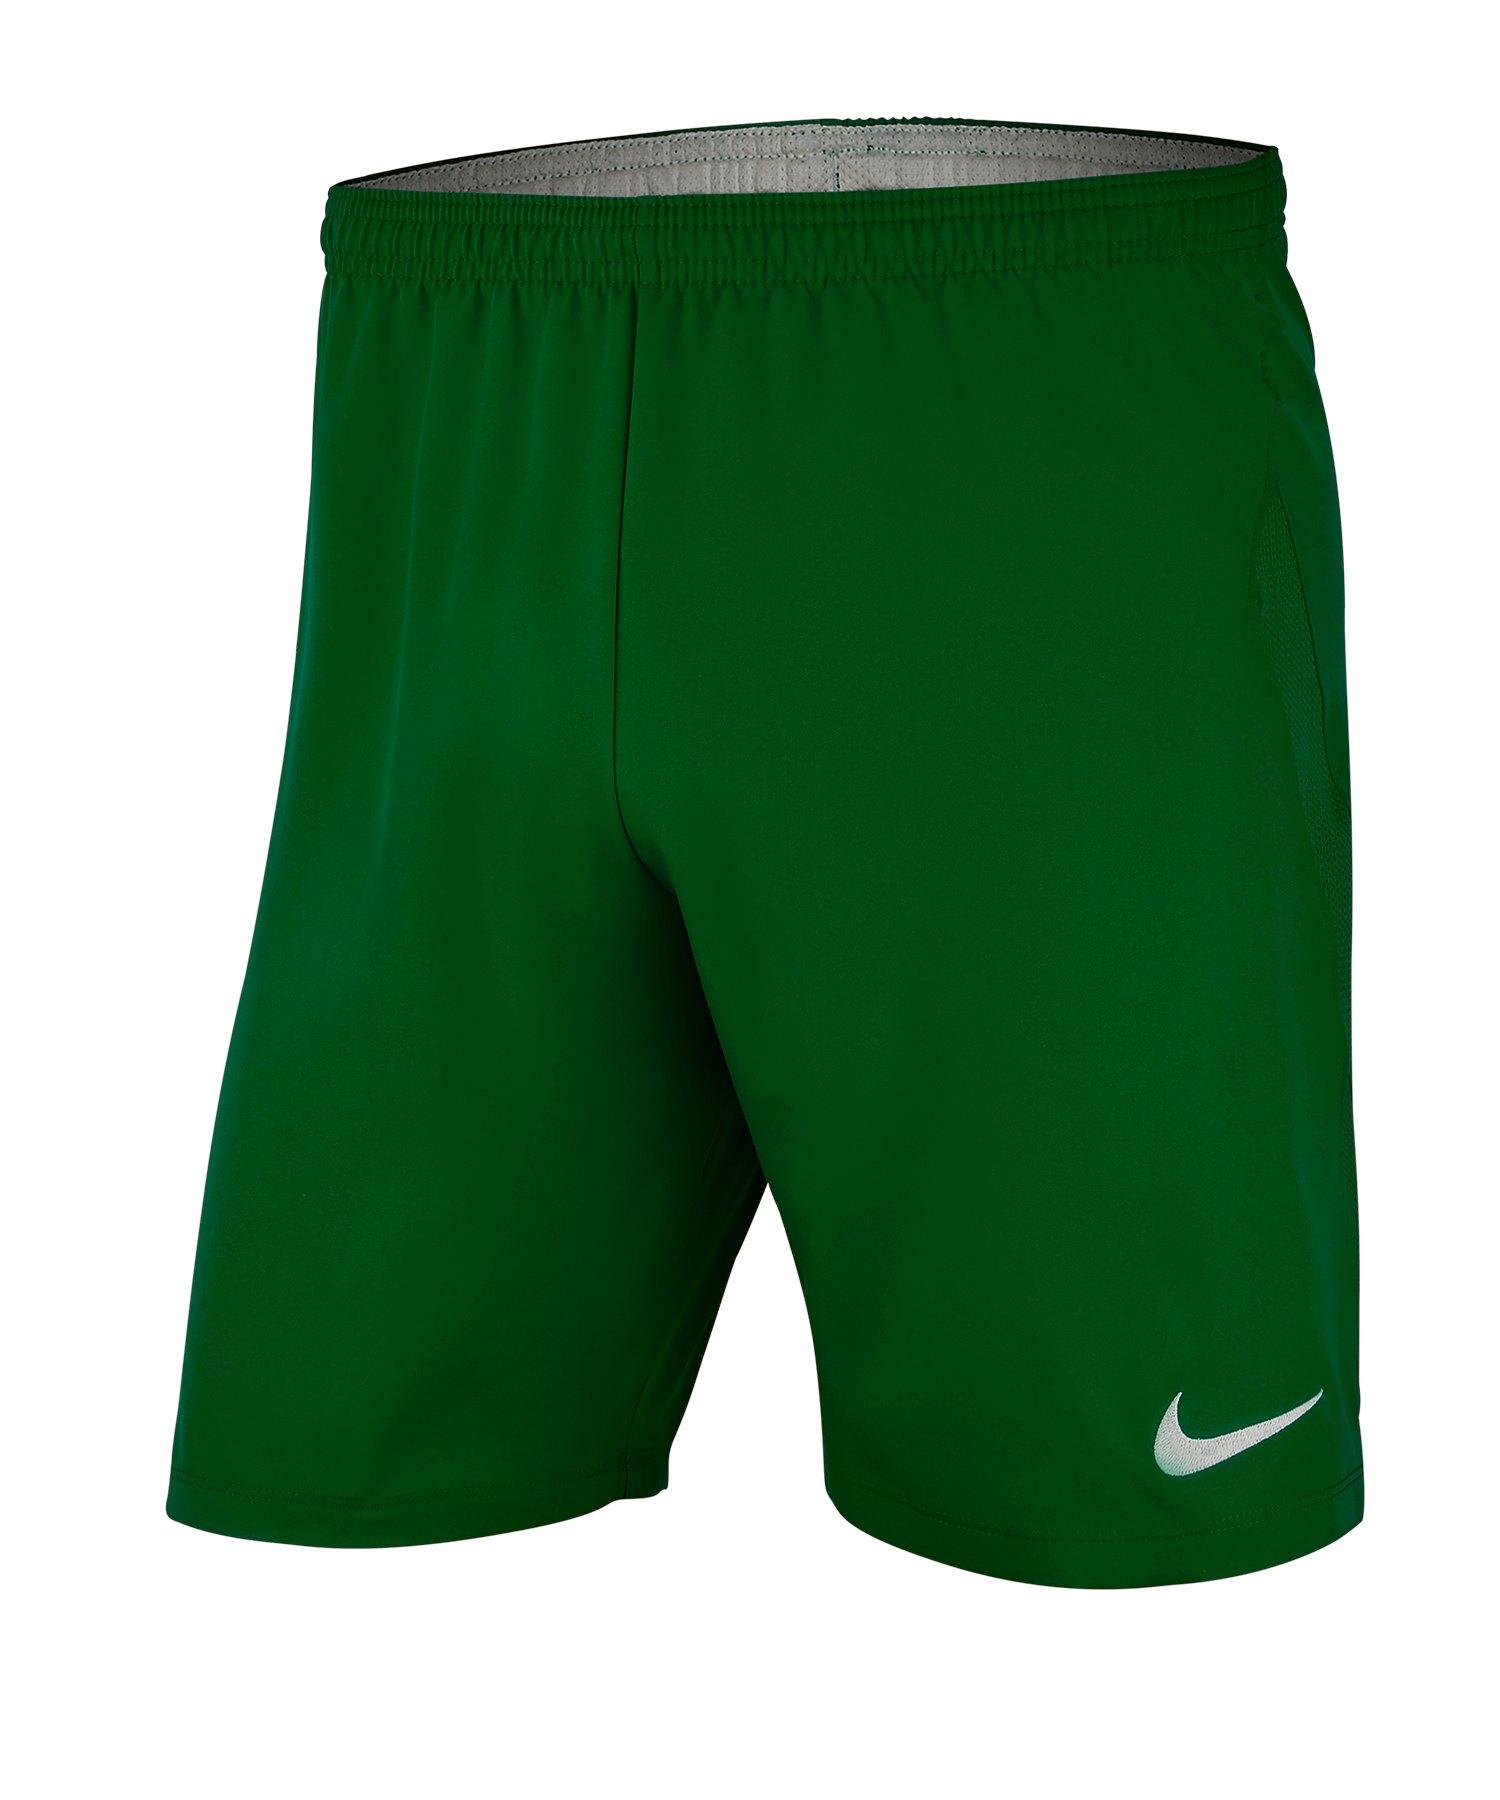 Nike Laser IV Dri-FIT Short Kids Grün F302 - gruen